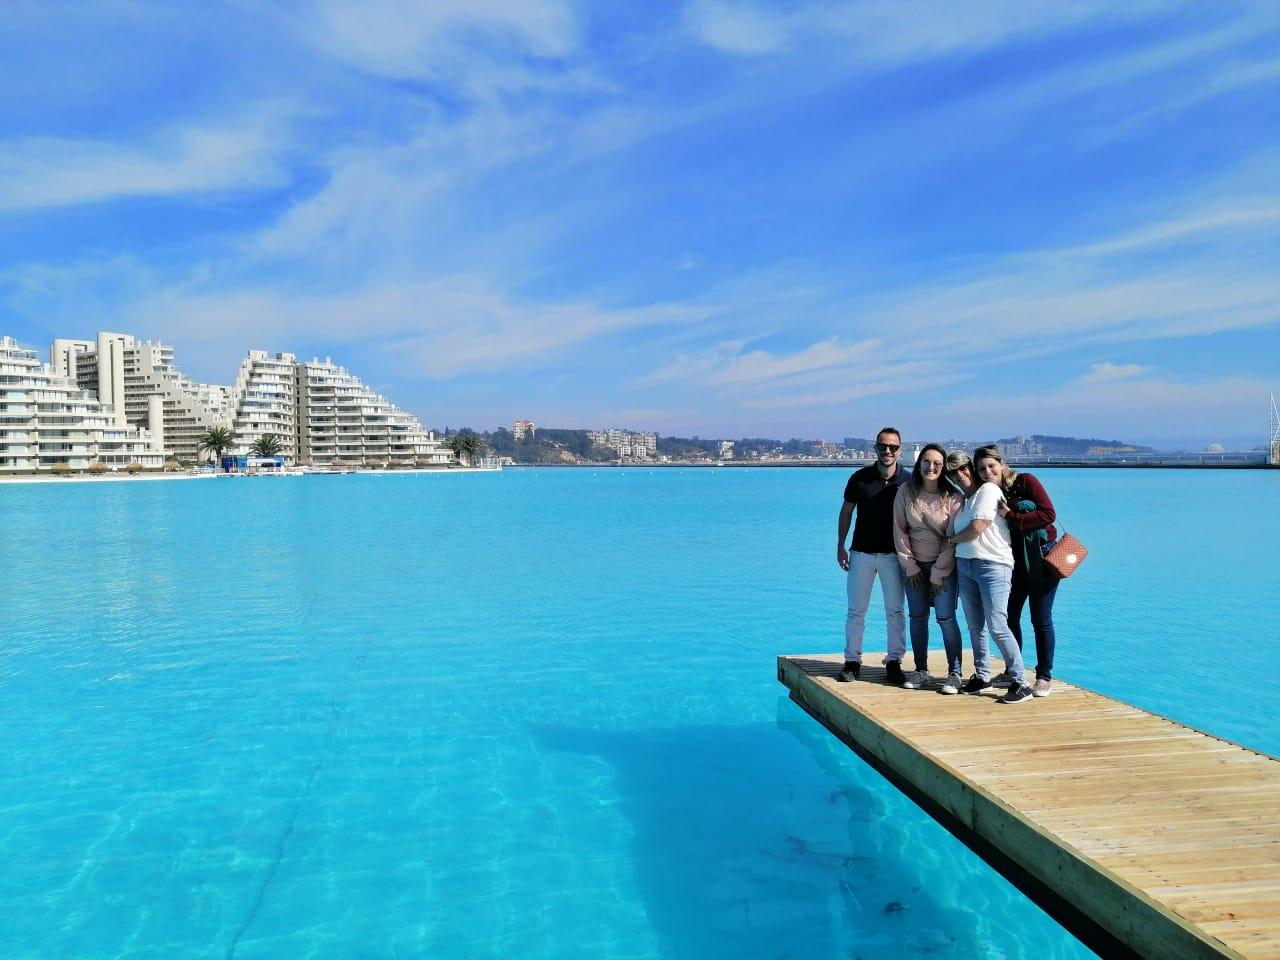 Maior piscina do mundo em algarrobo Chile